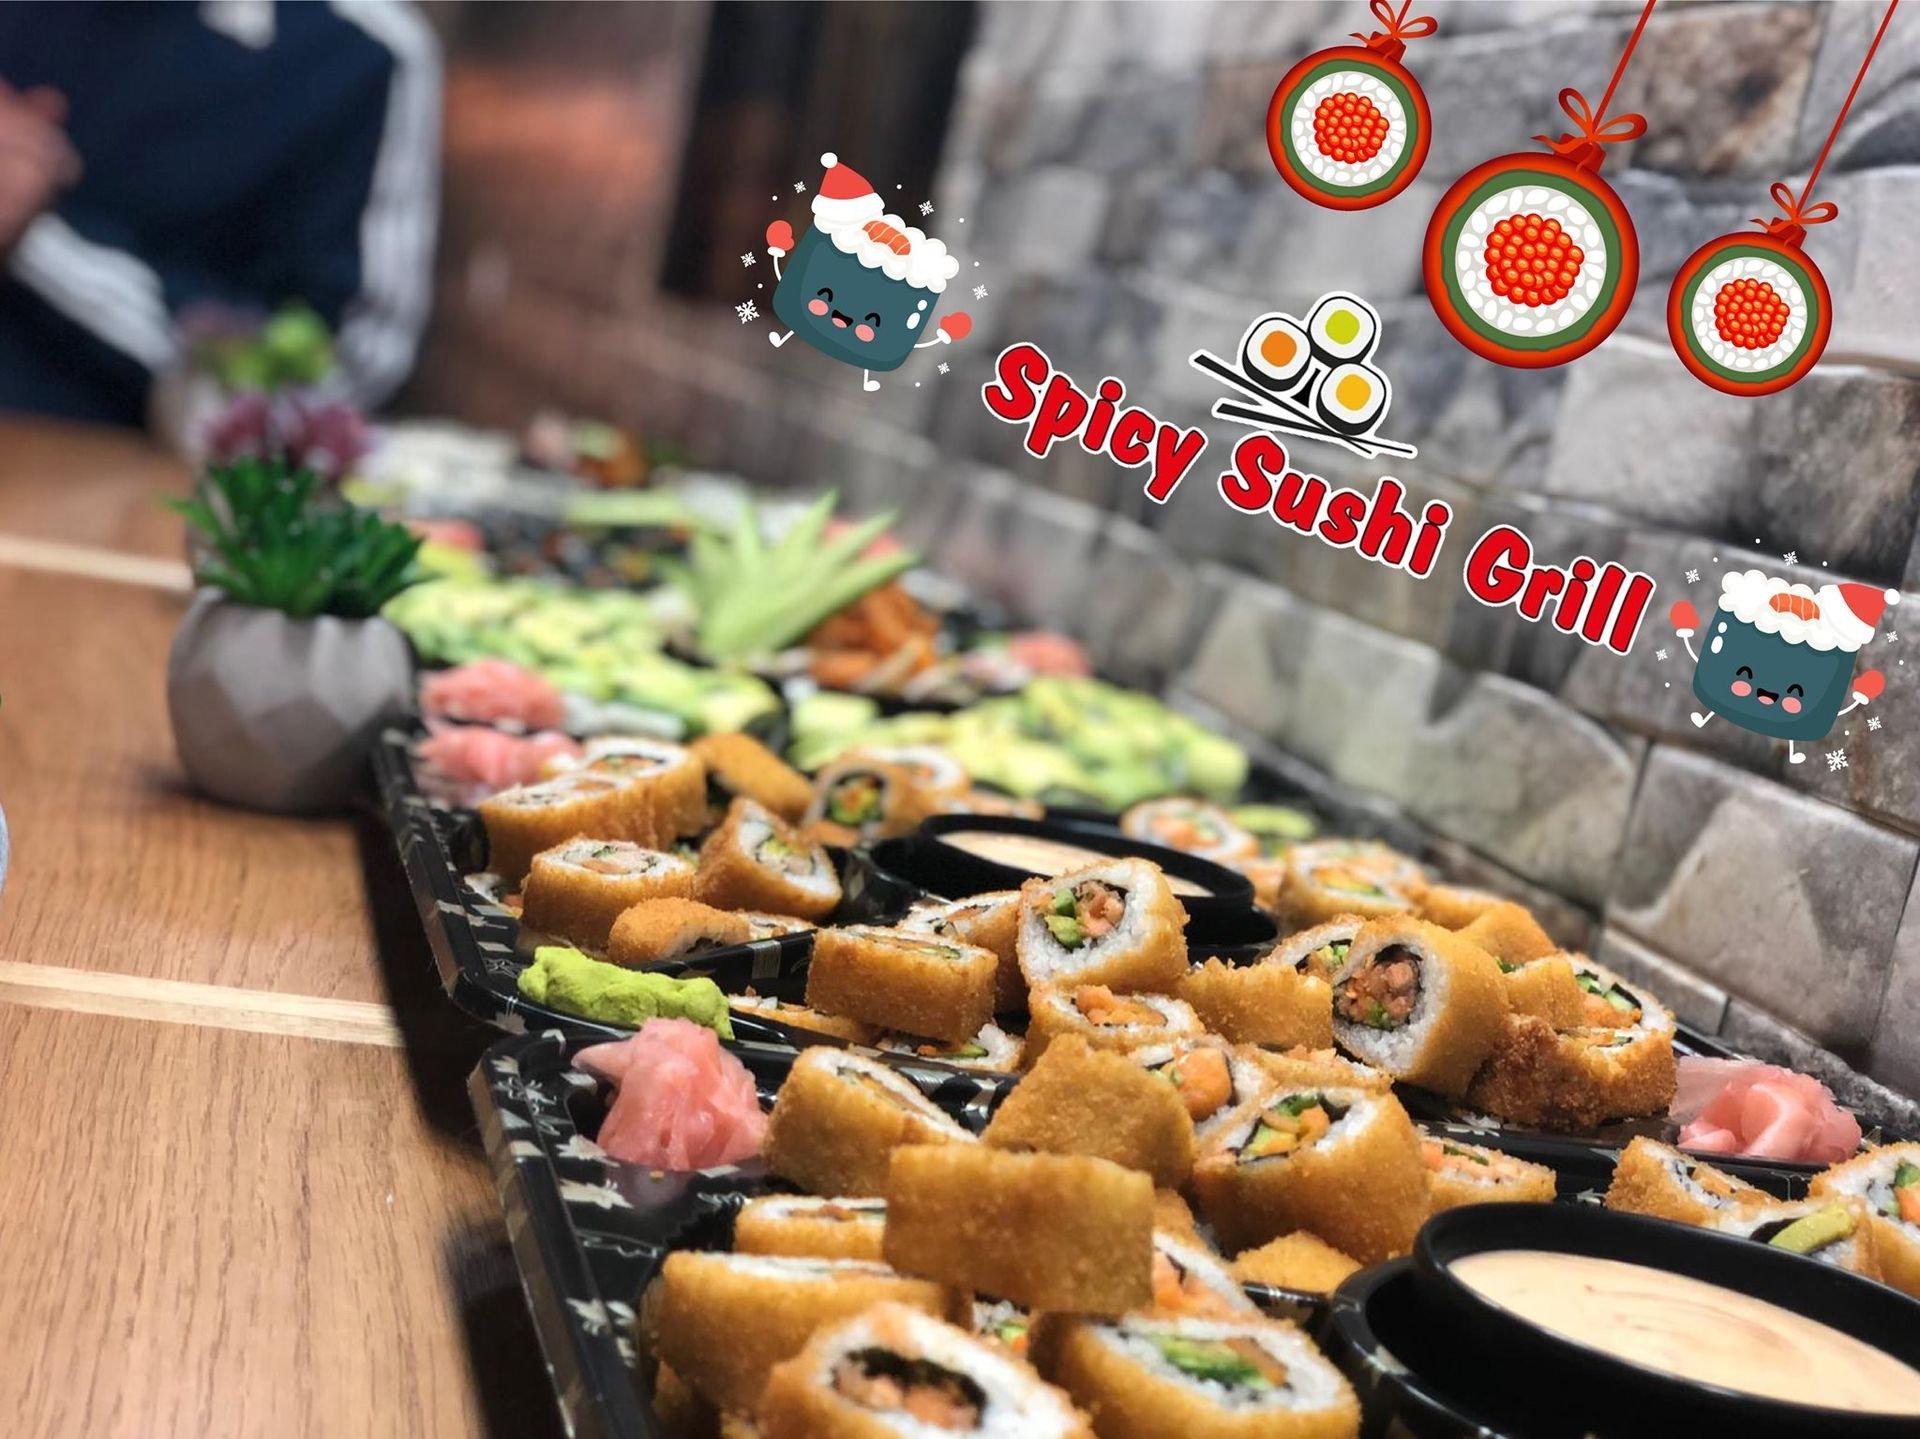 8 Spicy sushi Grill תְמוּנָה